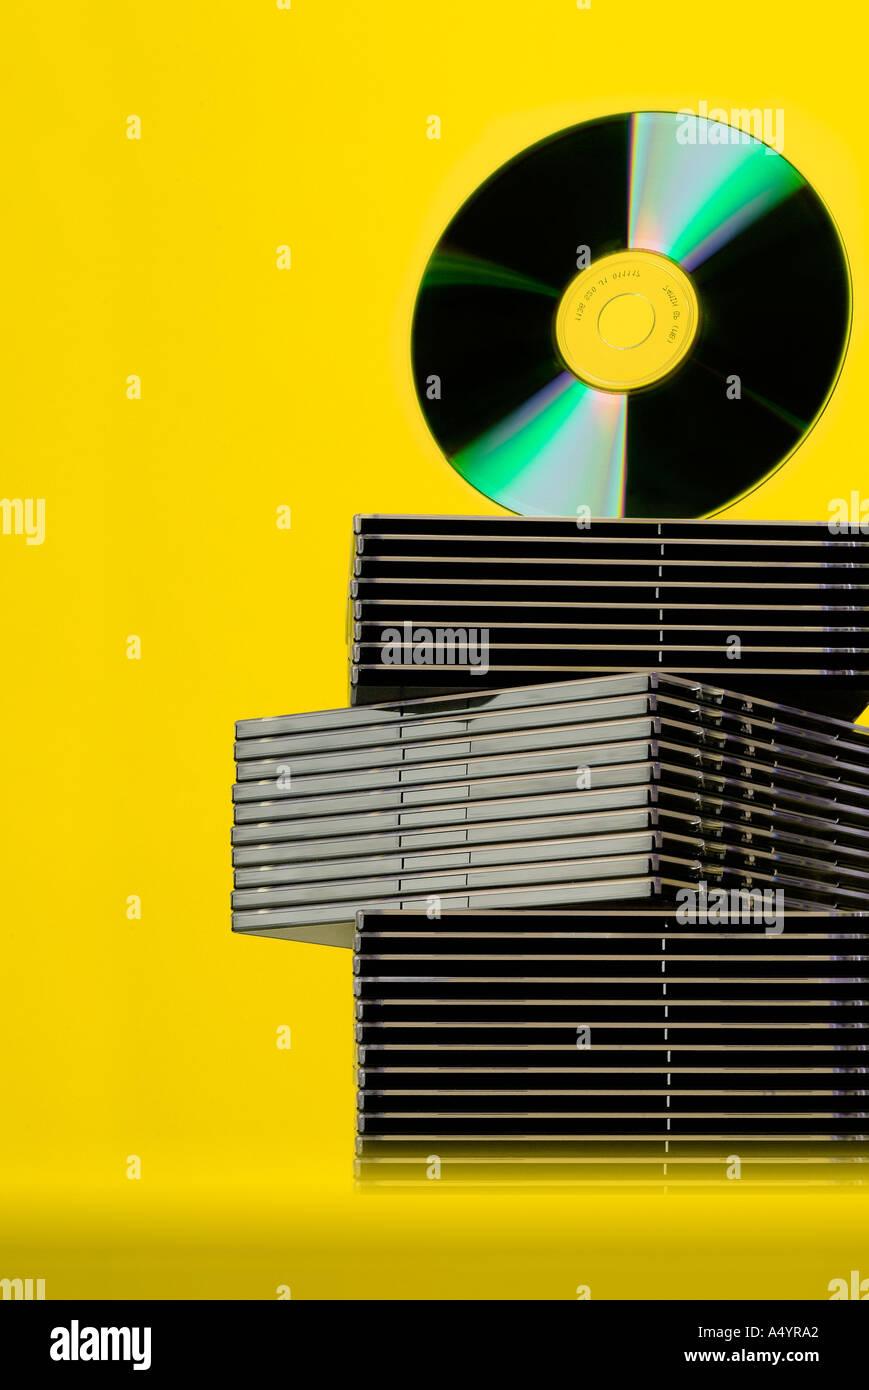 CD DVD Disks CDs DVDs - Stock Image